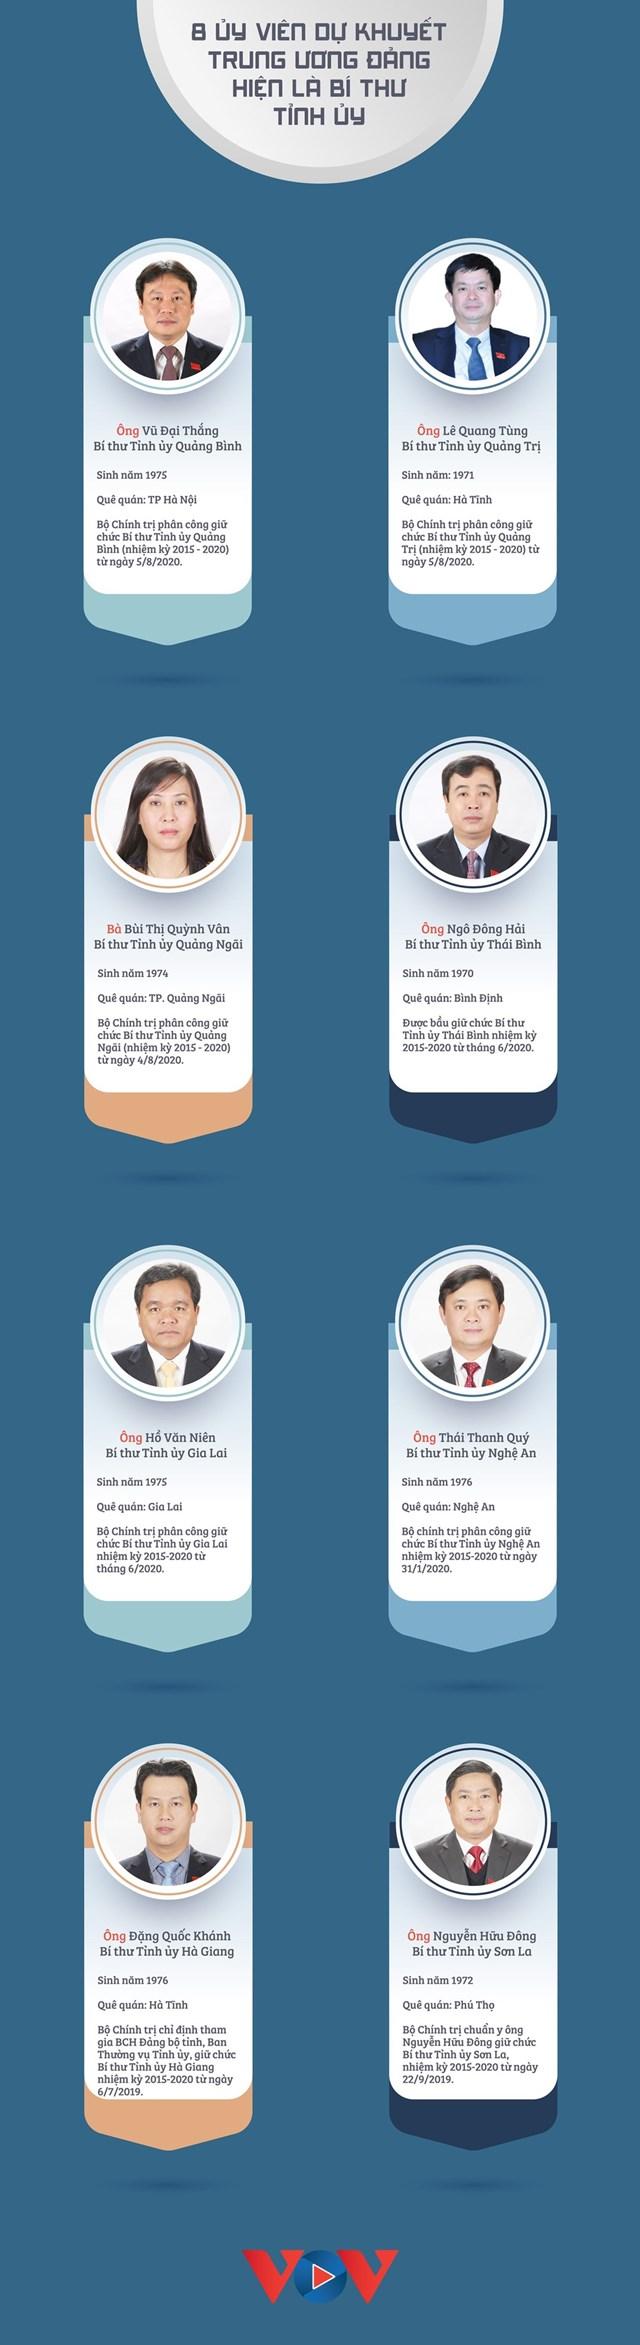 8 Ủy viên dự khuyết Trung ương Đảng hiện là Bí thư Tỉnh ủy - Ảnh 1